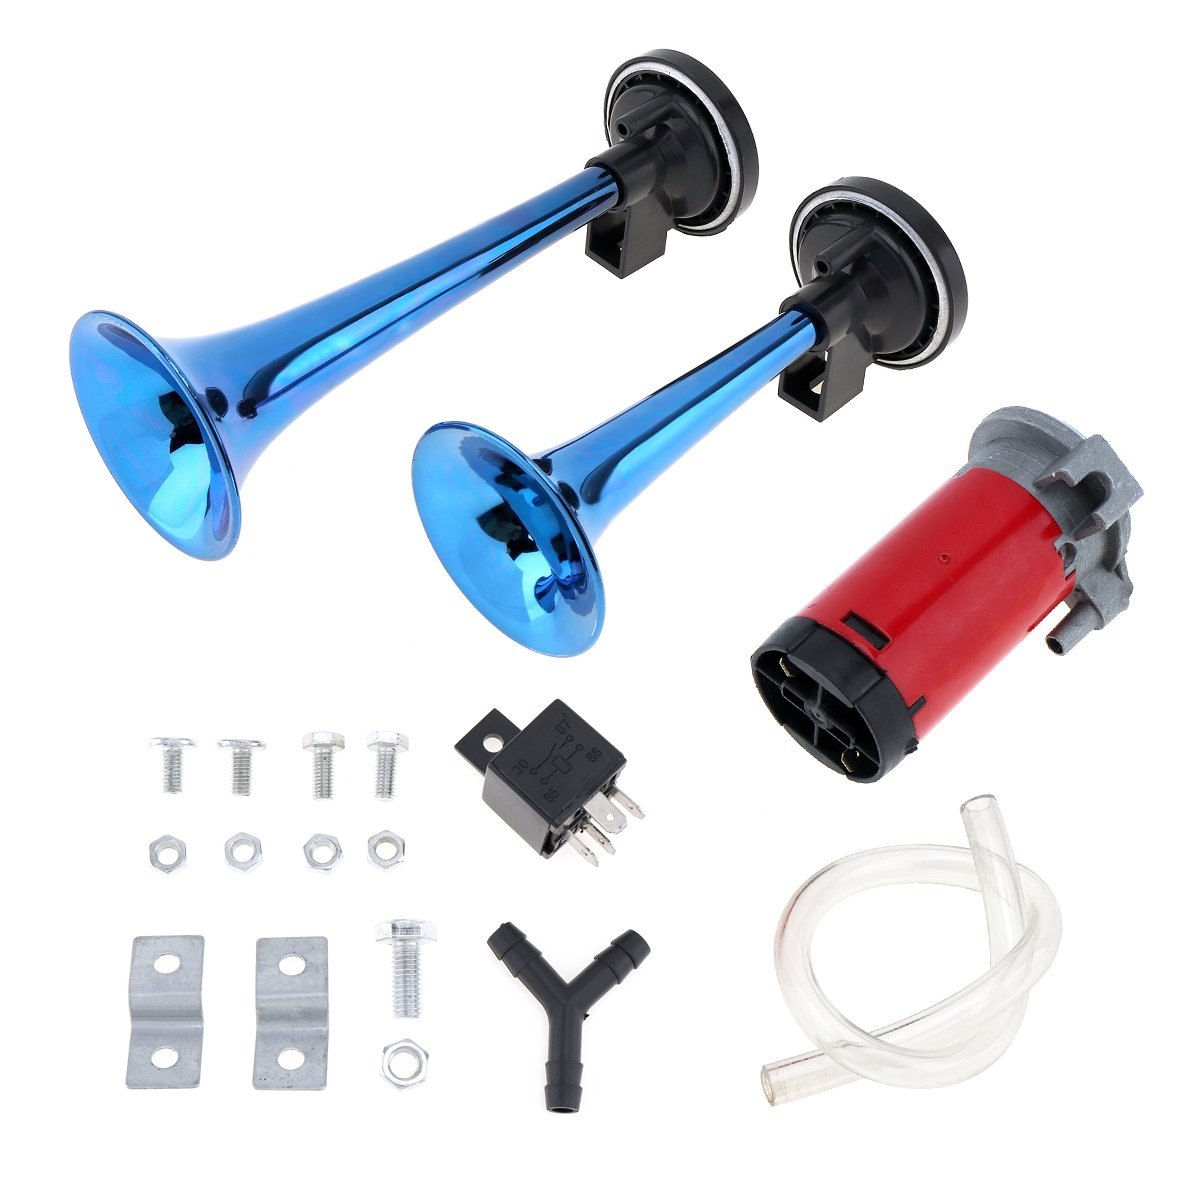 Bleu Ensemble de compresseurs /à trompettes pour un klaxon pneumatique /à deux tonalit/és de 178 db Pour motos camions voitures bateaux